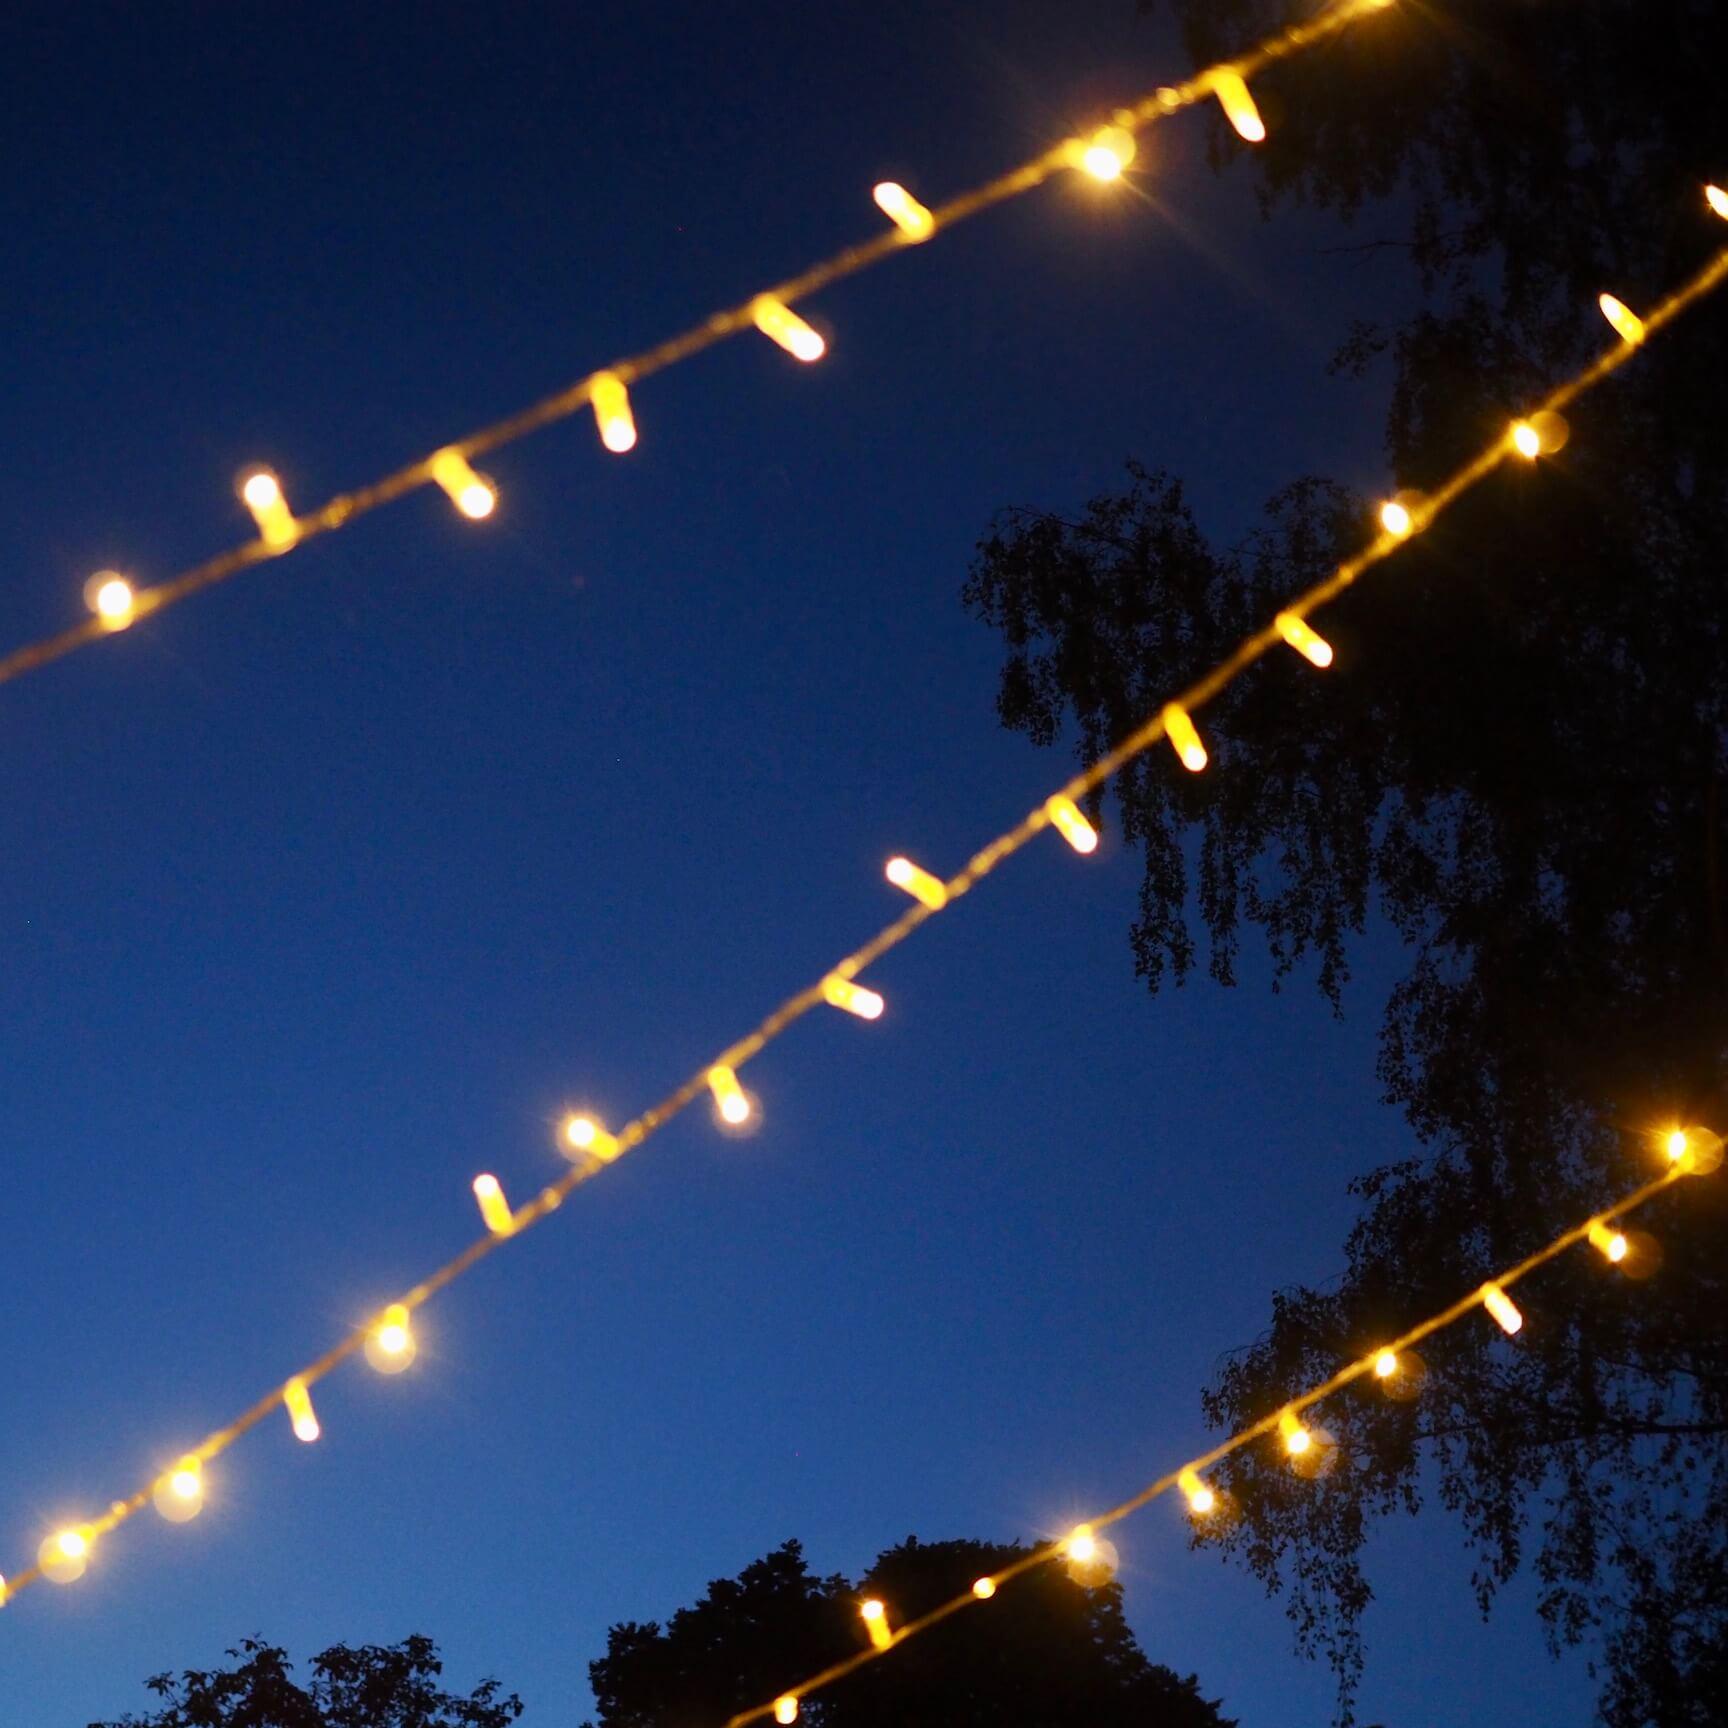 Lichterketten im Abendhimmel